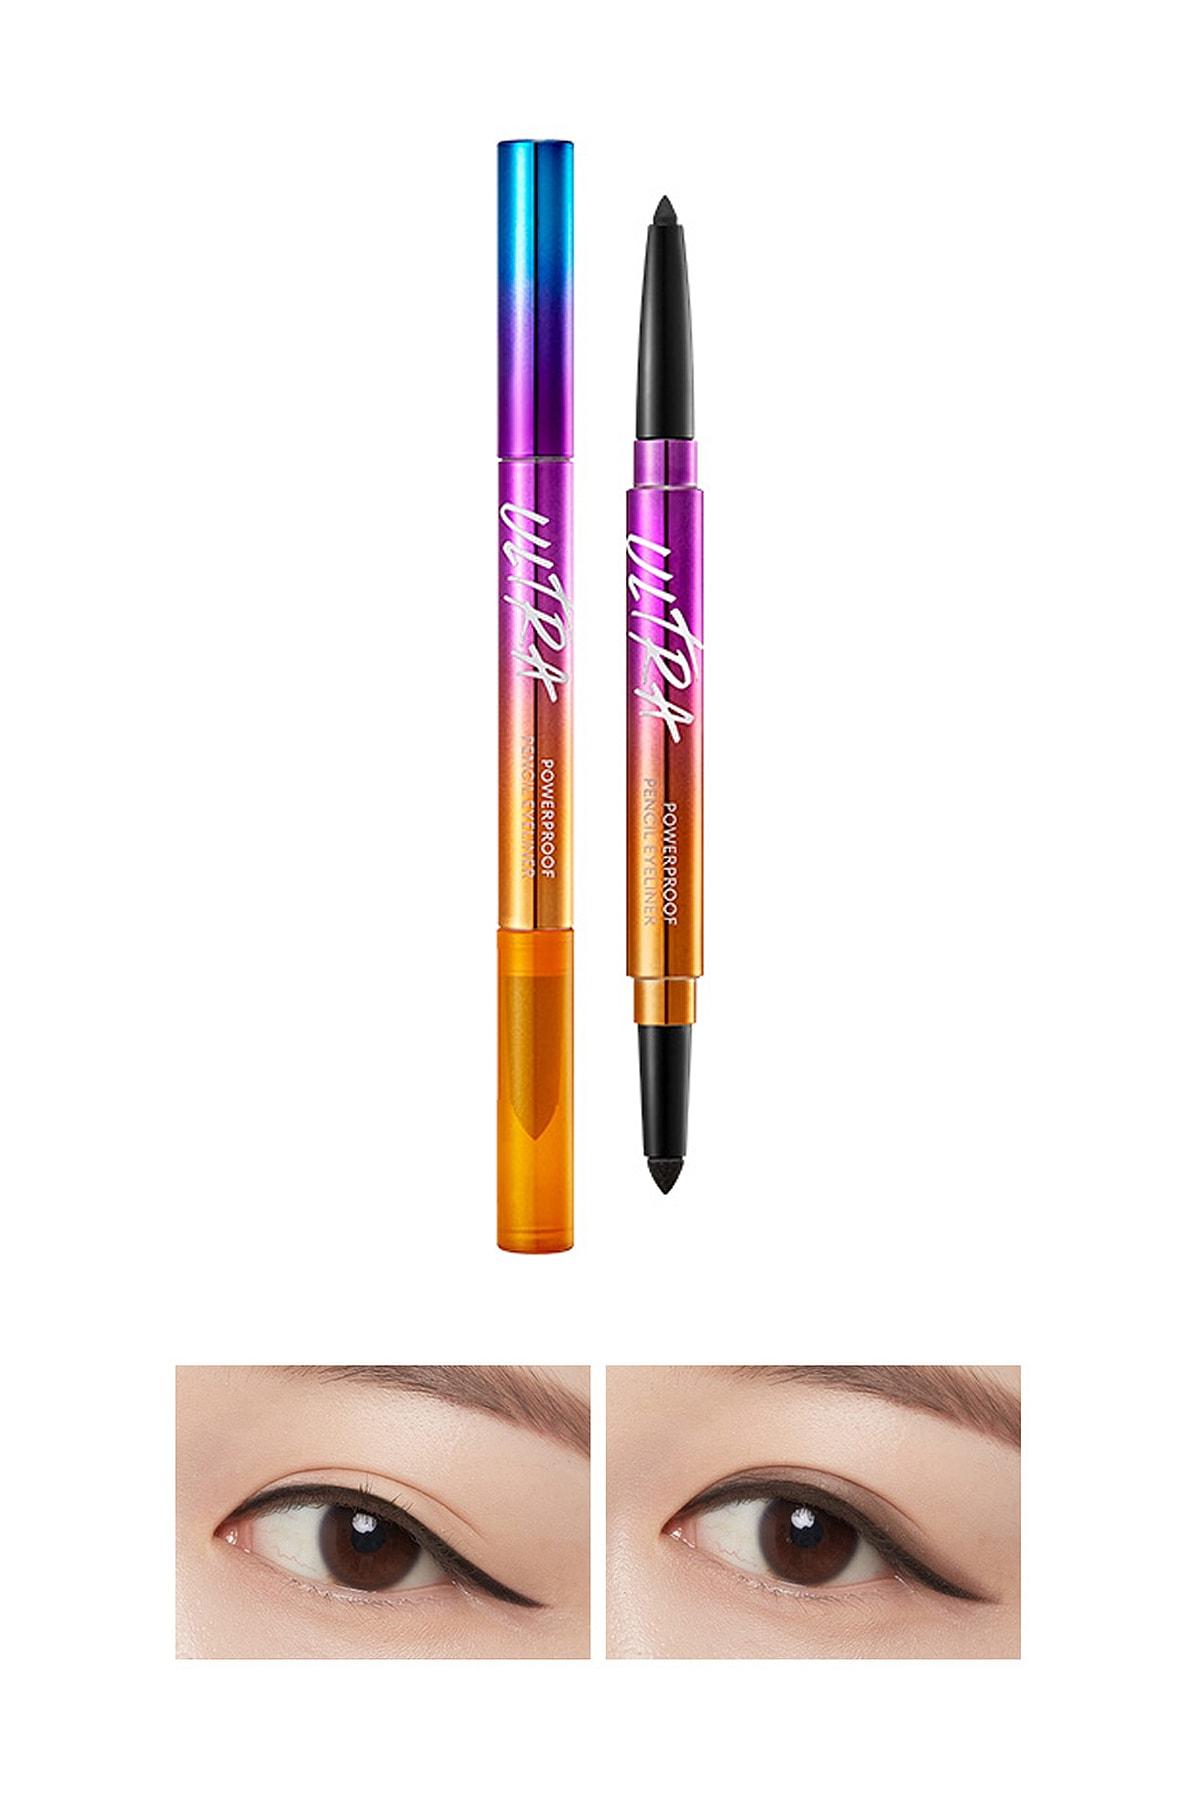 Missha Suya Dayanıklı Kalıcı Jel Göz Kalemi Ultra Powerproof Pencil Eyeliner [Black]